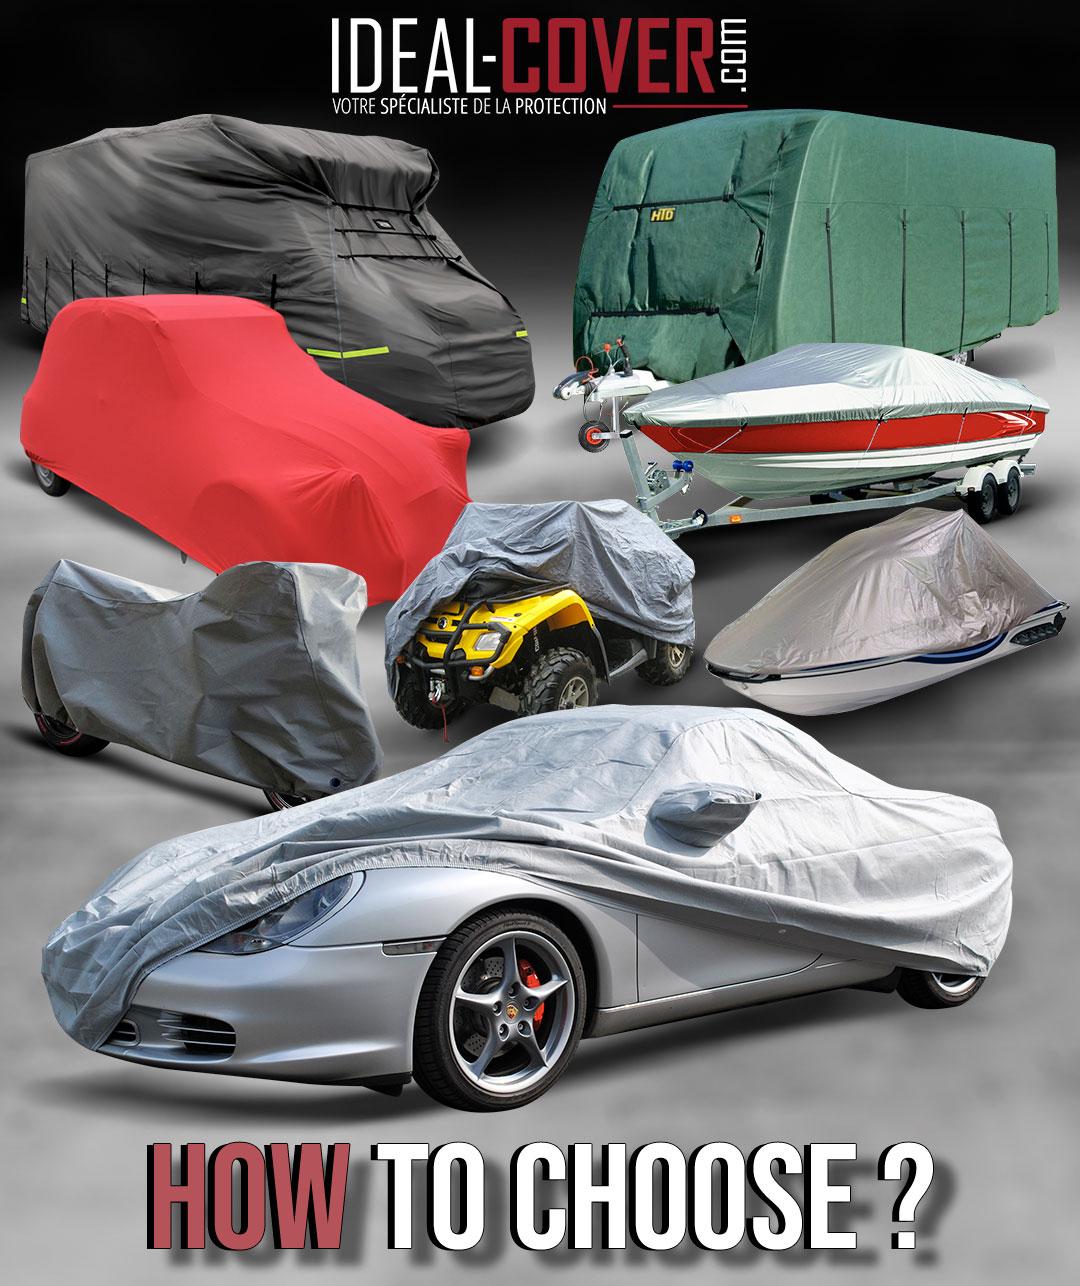 ideal-cover.com